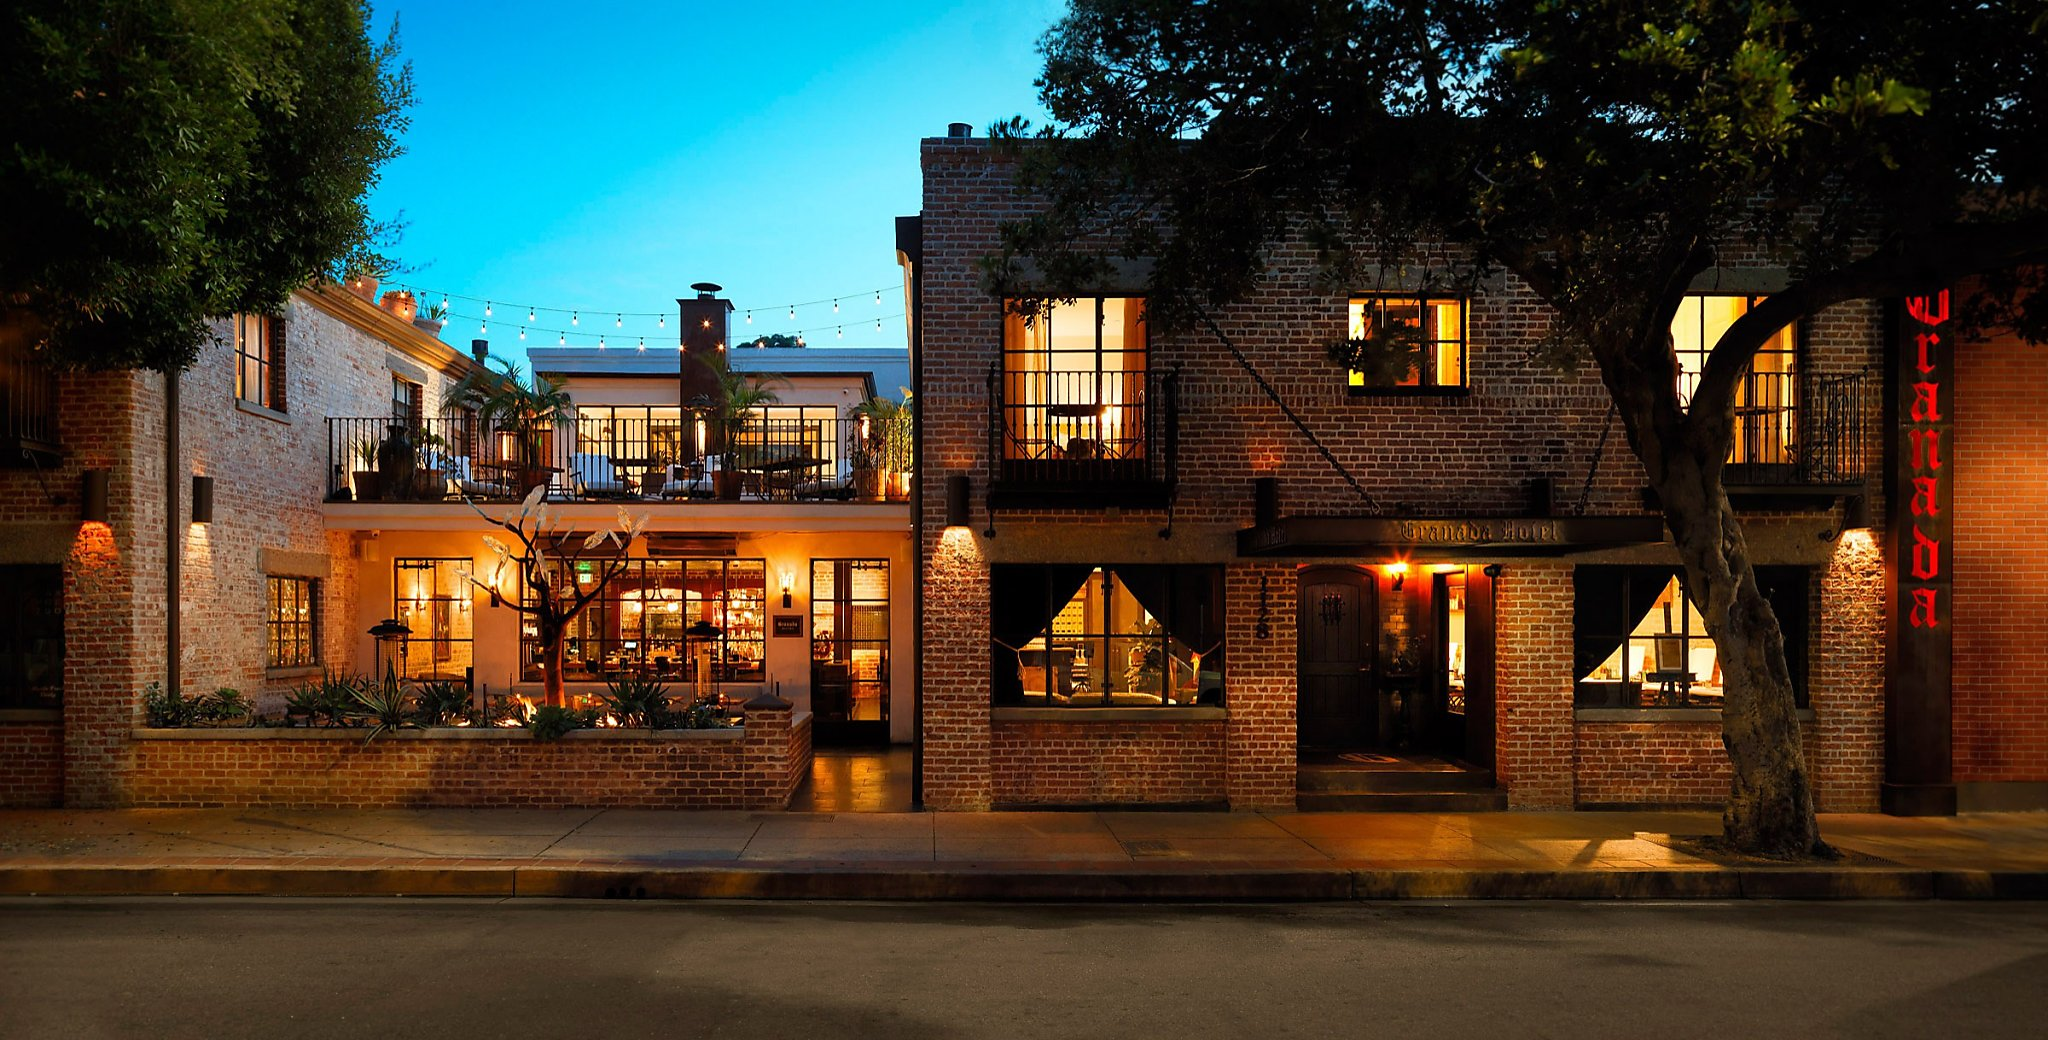 granada hotel and bistro san luis obispo sfgate. Black Bedroom Furniture Sets. Home Design Ideas